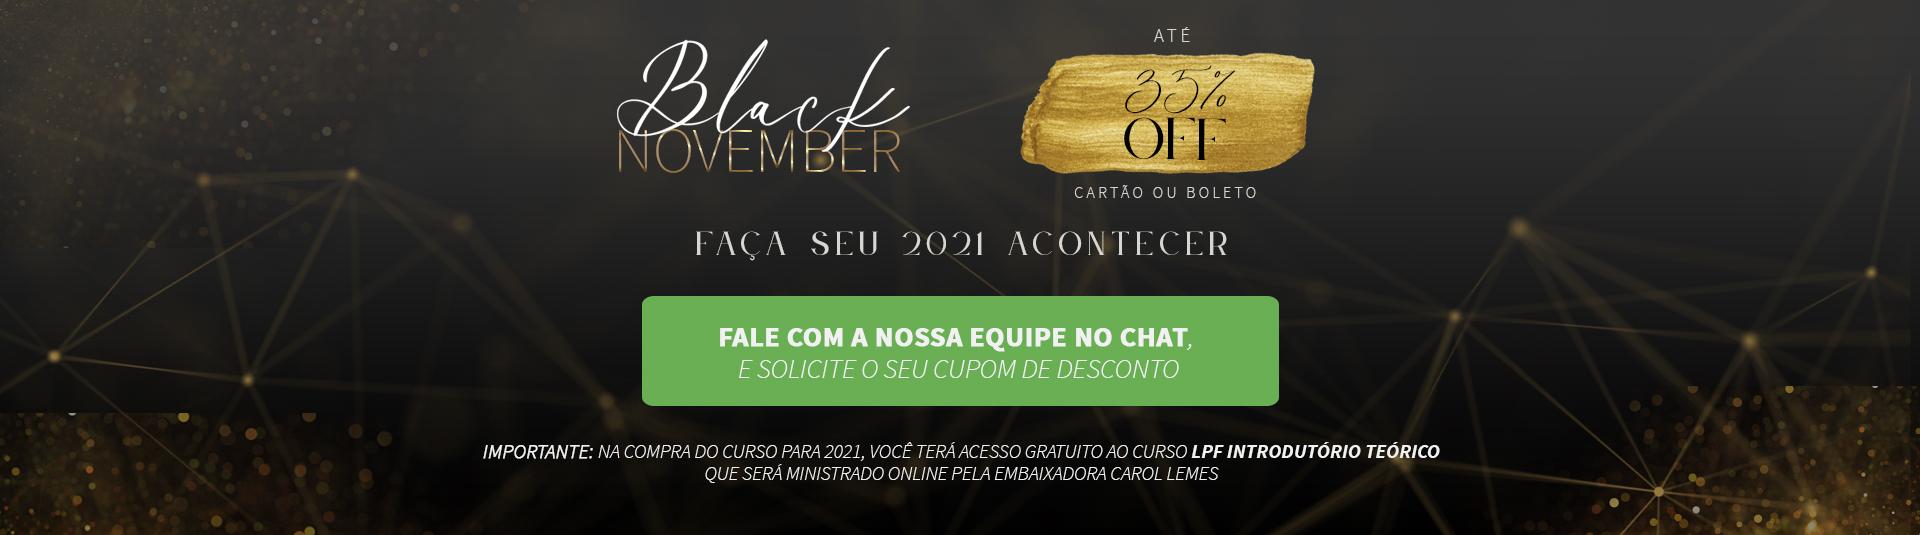 Black november 2021